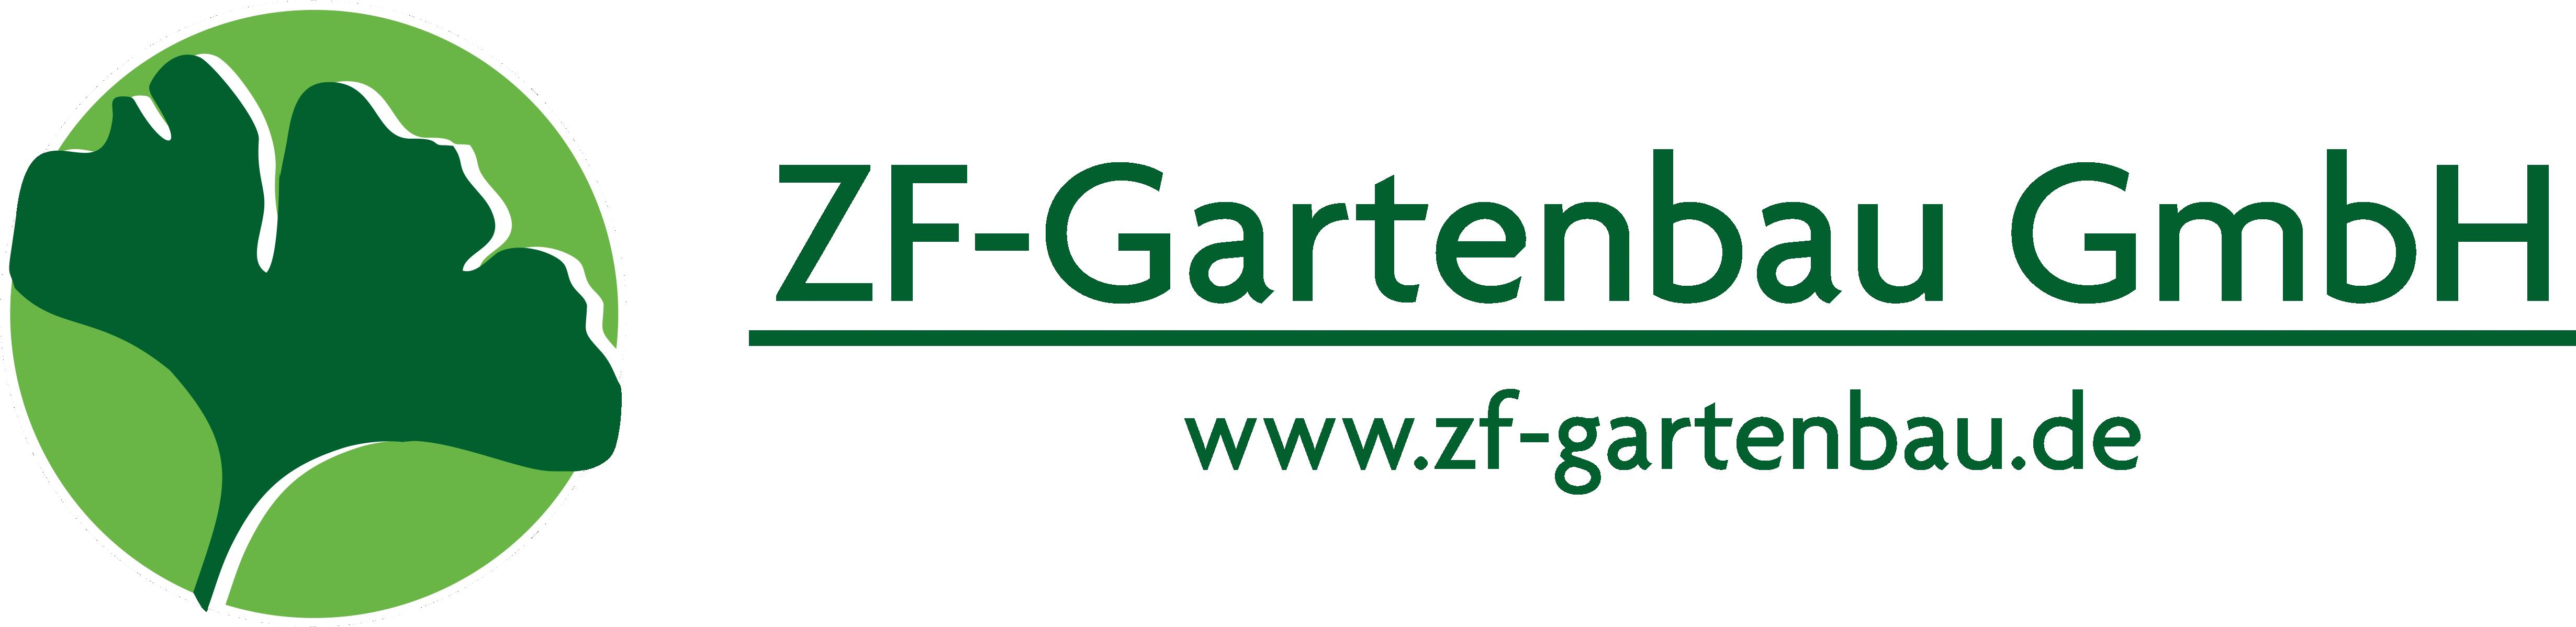 ZF-Gartenbau